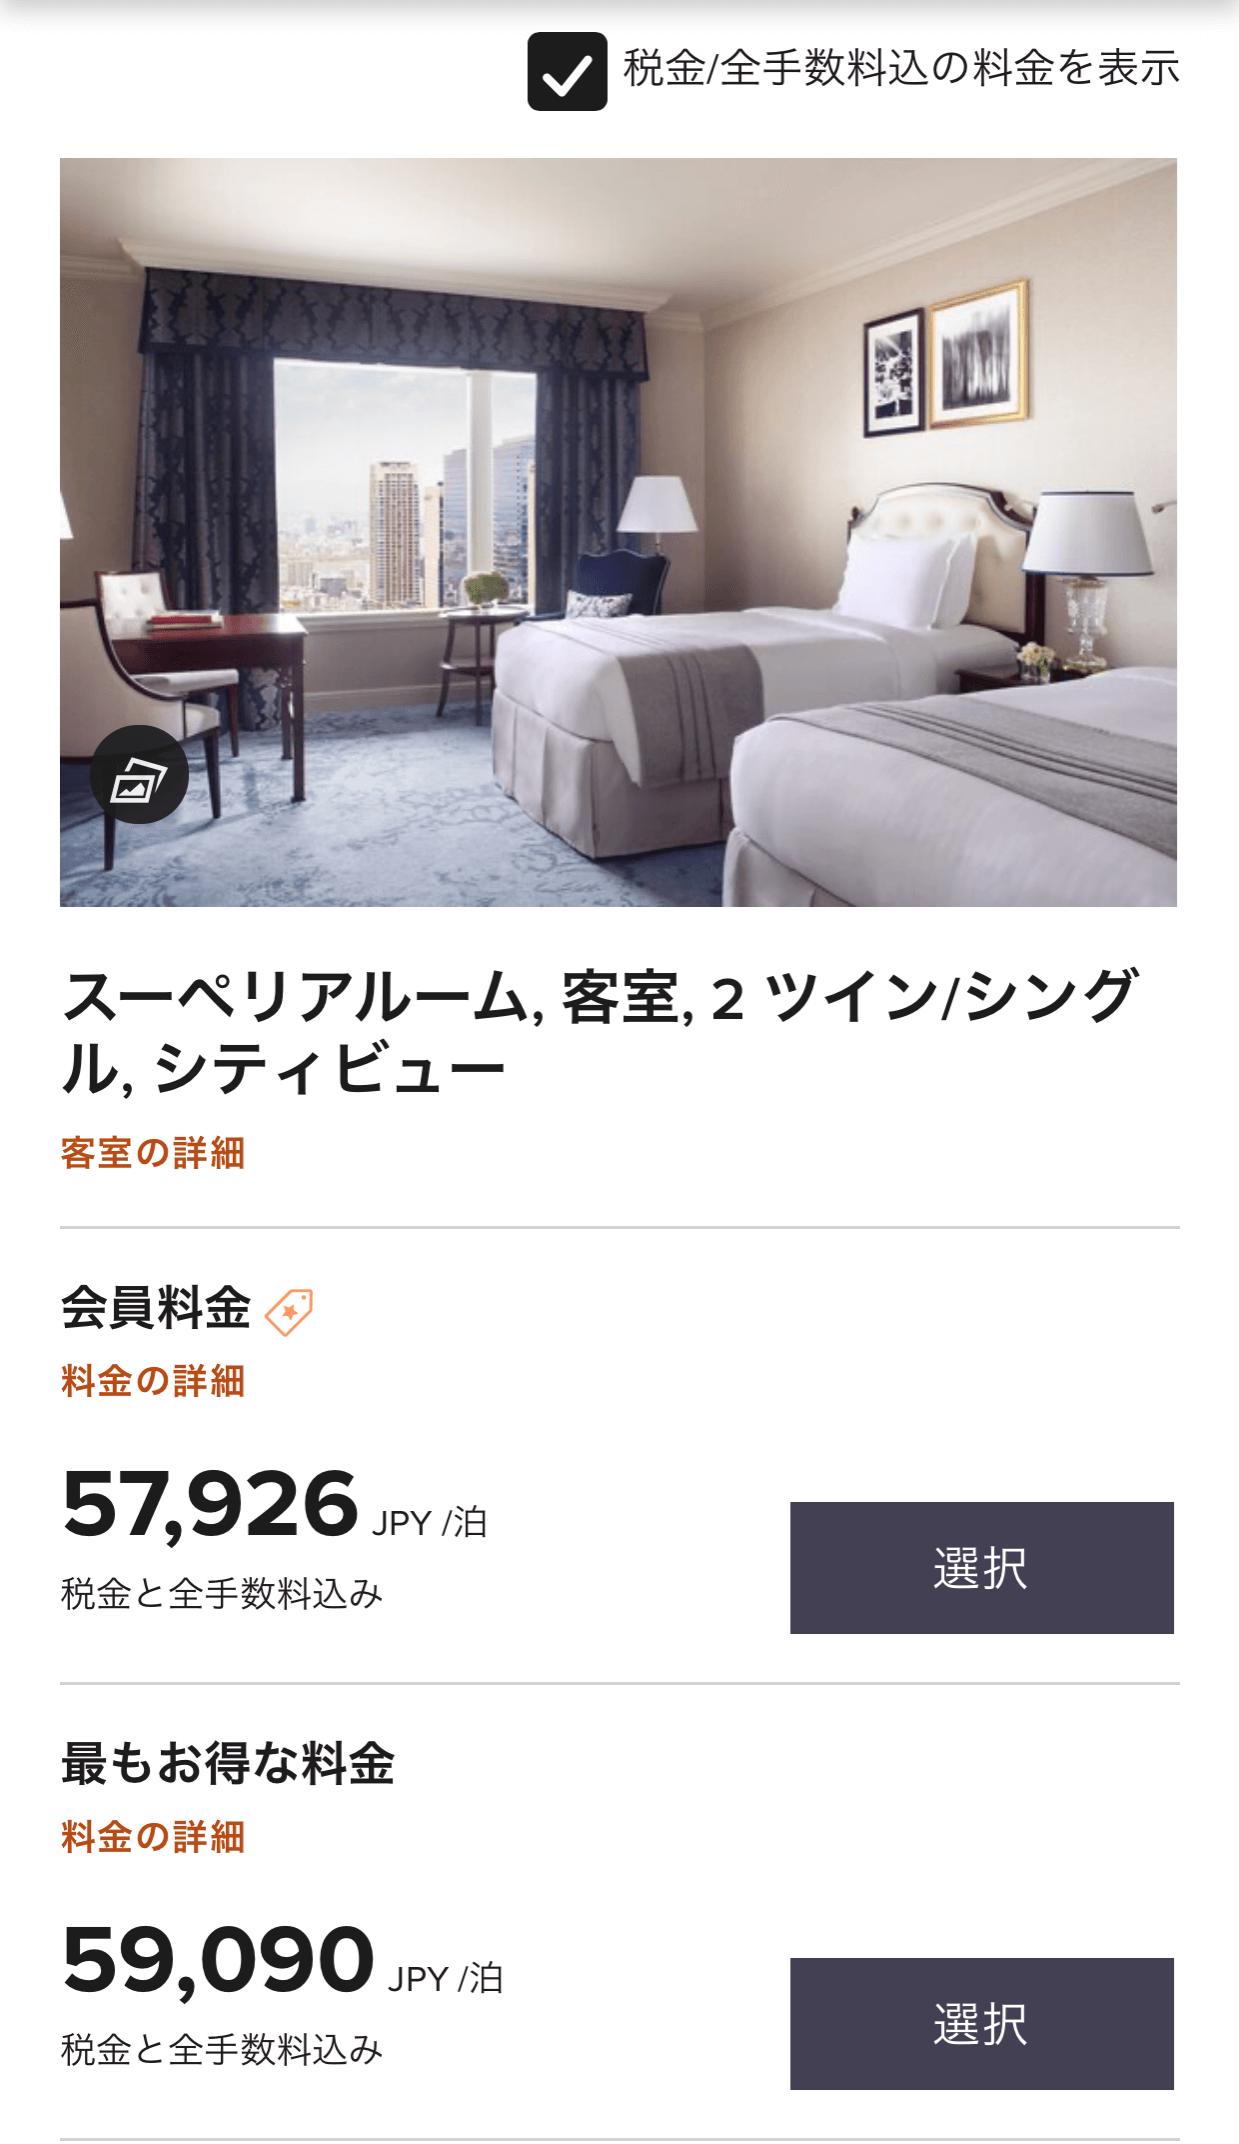 リッツ・カールトン大阪の検索結果